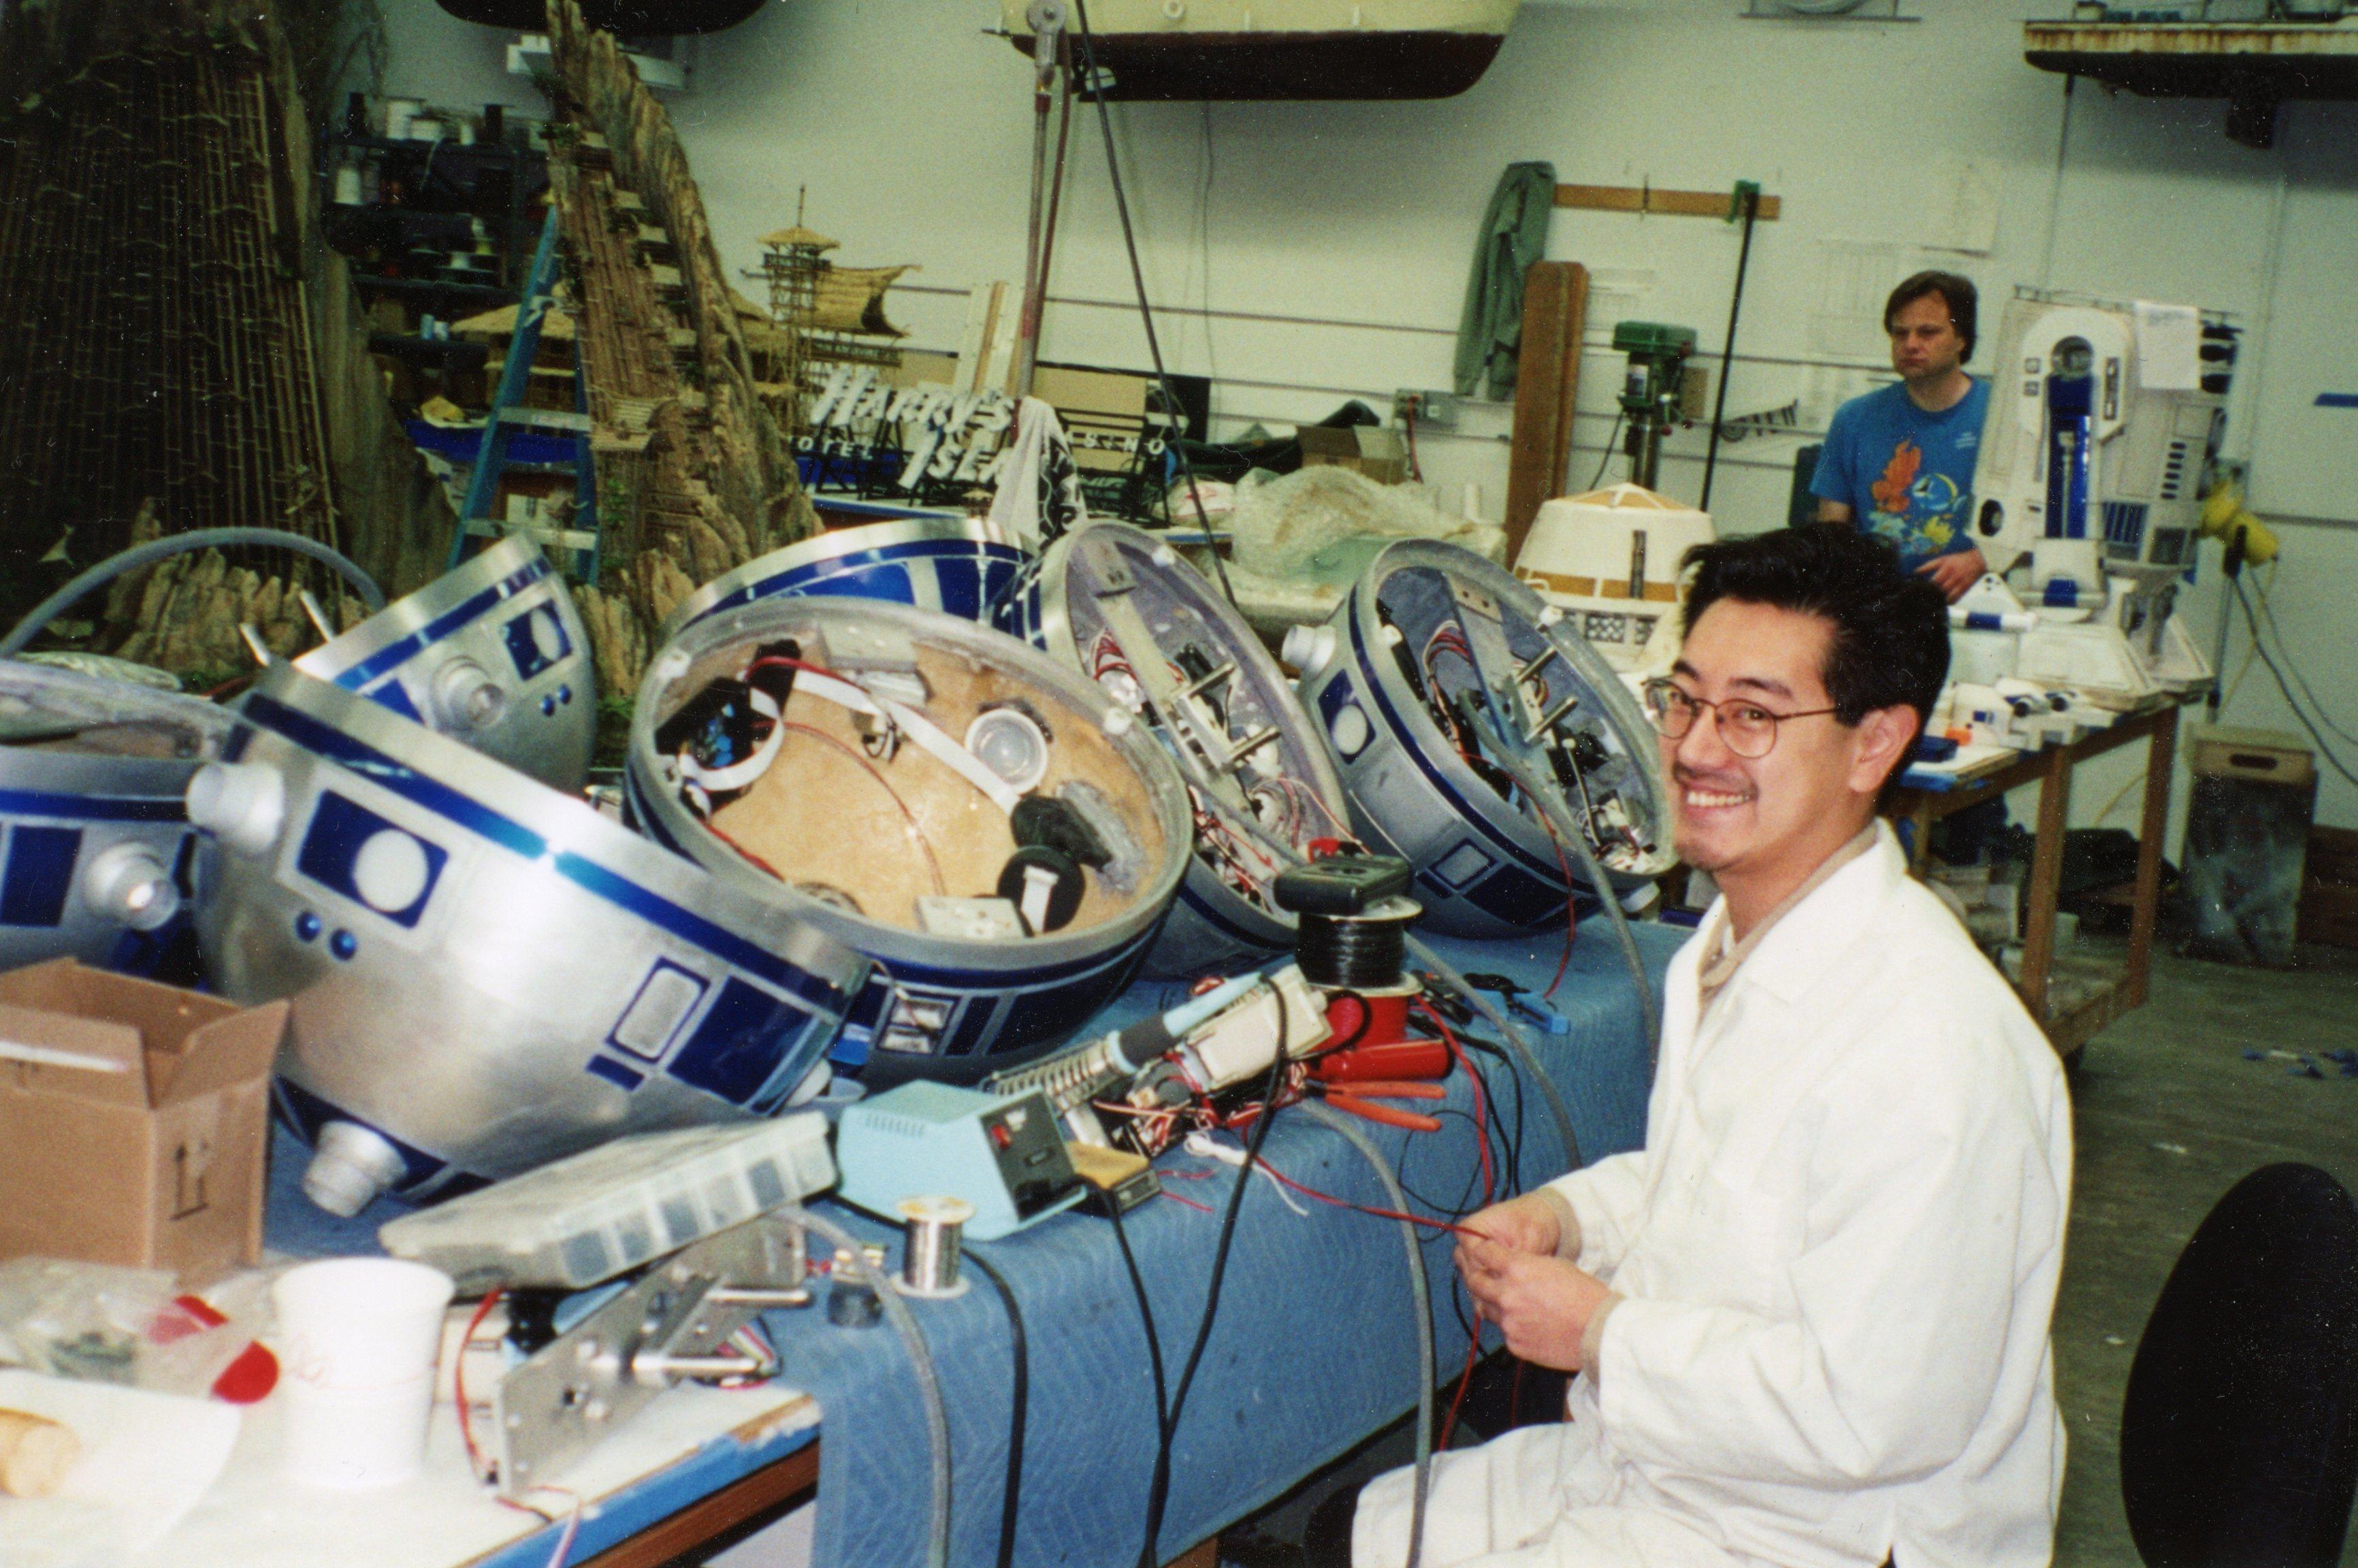 Grant R2 Ep 1 resto 600dpi.jpg